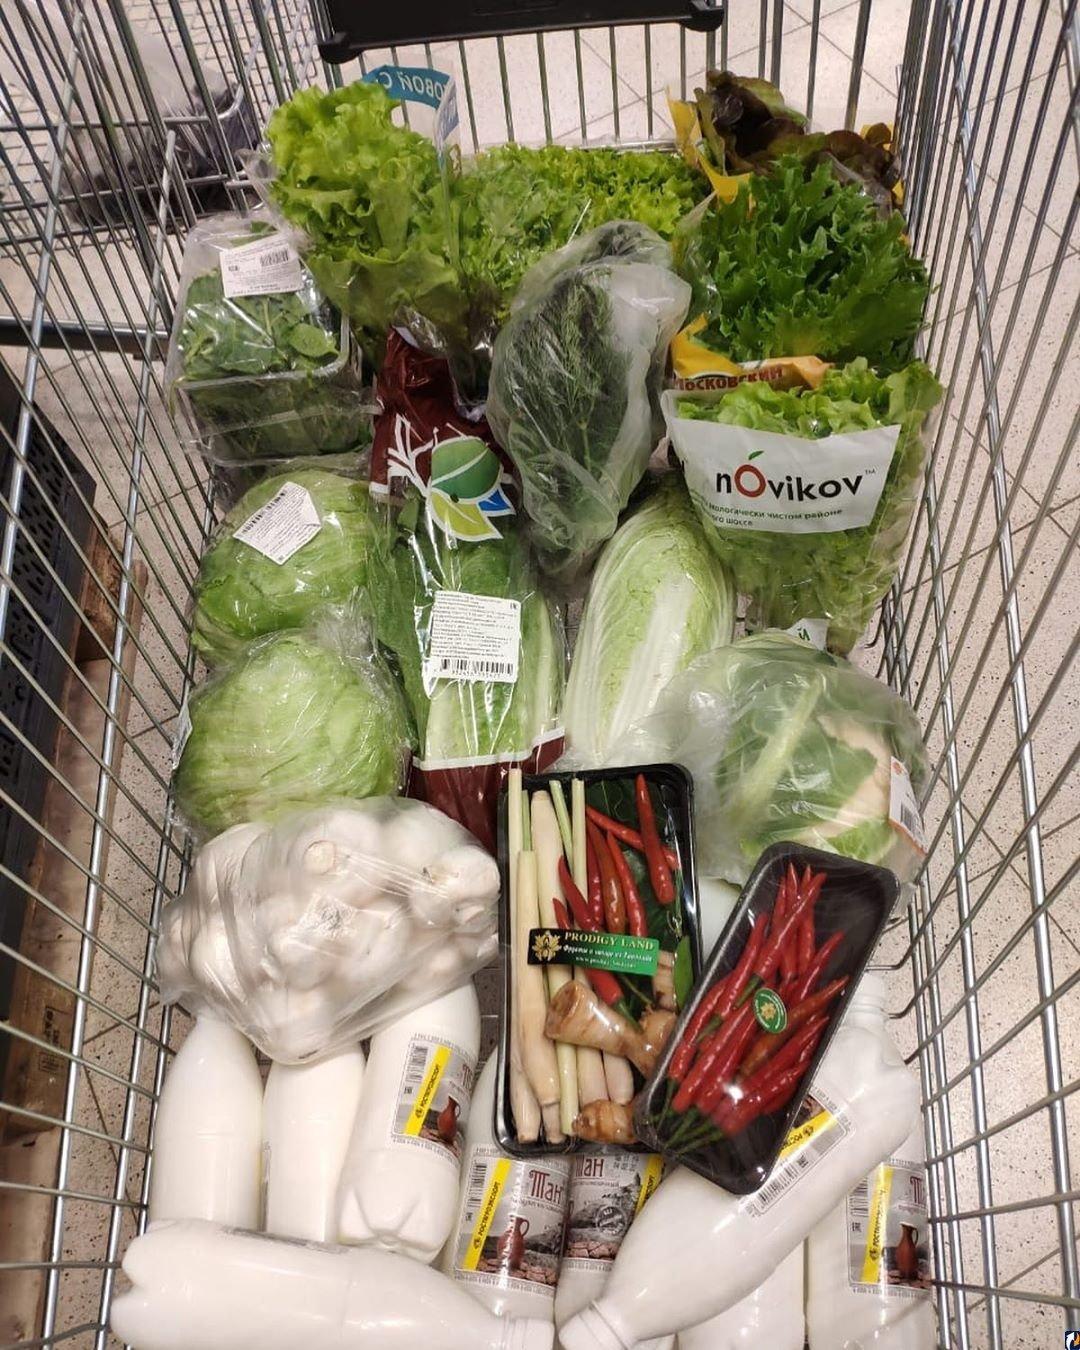 Листя салату і гриби: Волочкова нічого не їсть, фото виснаженої балерини потрапили у мережу